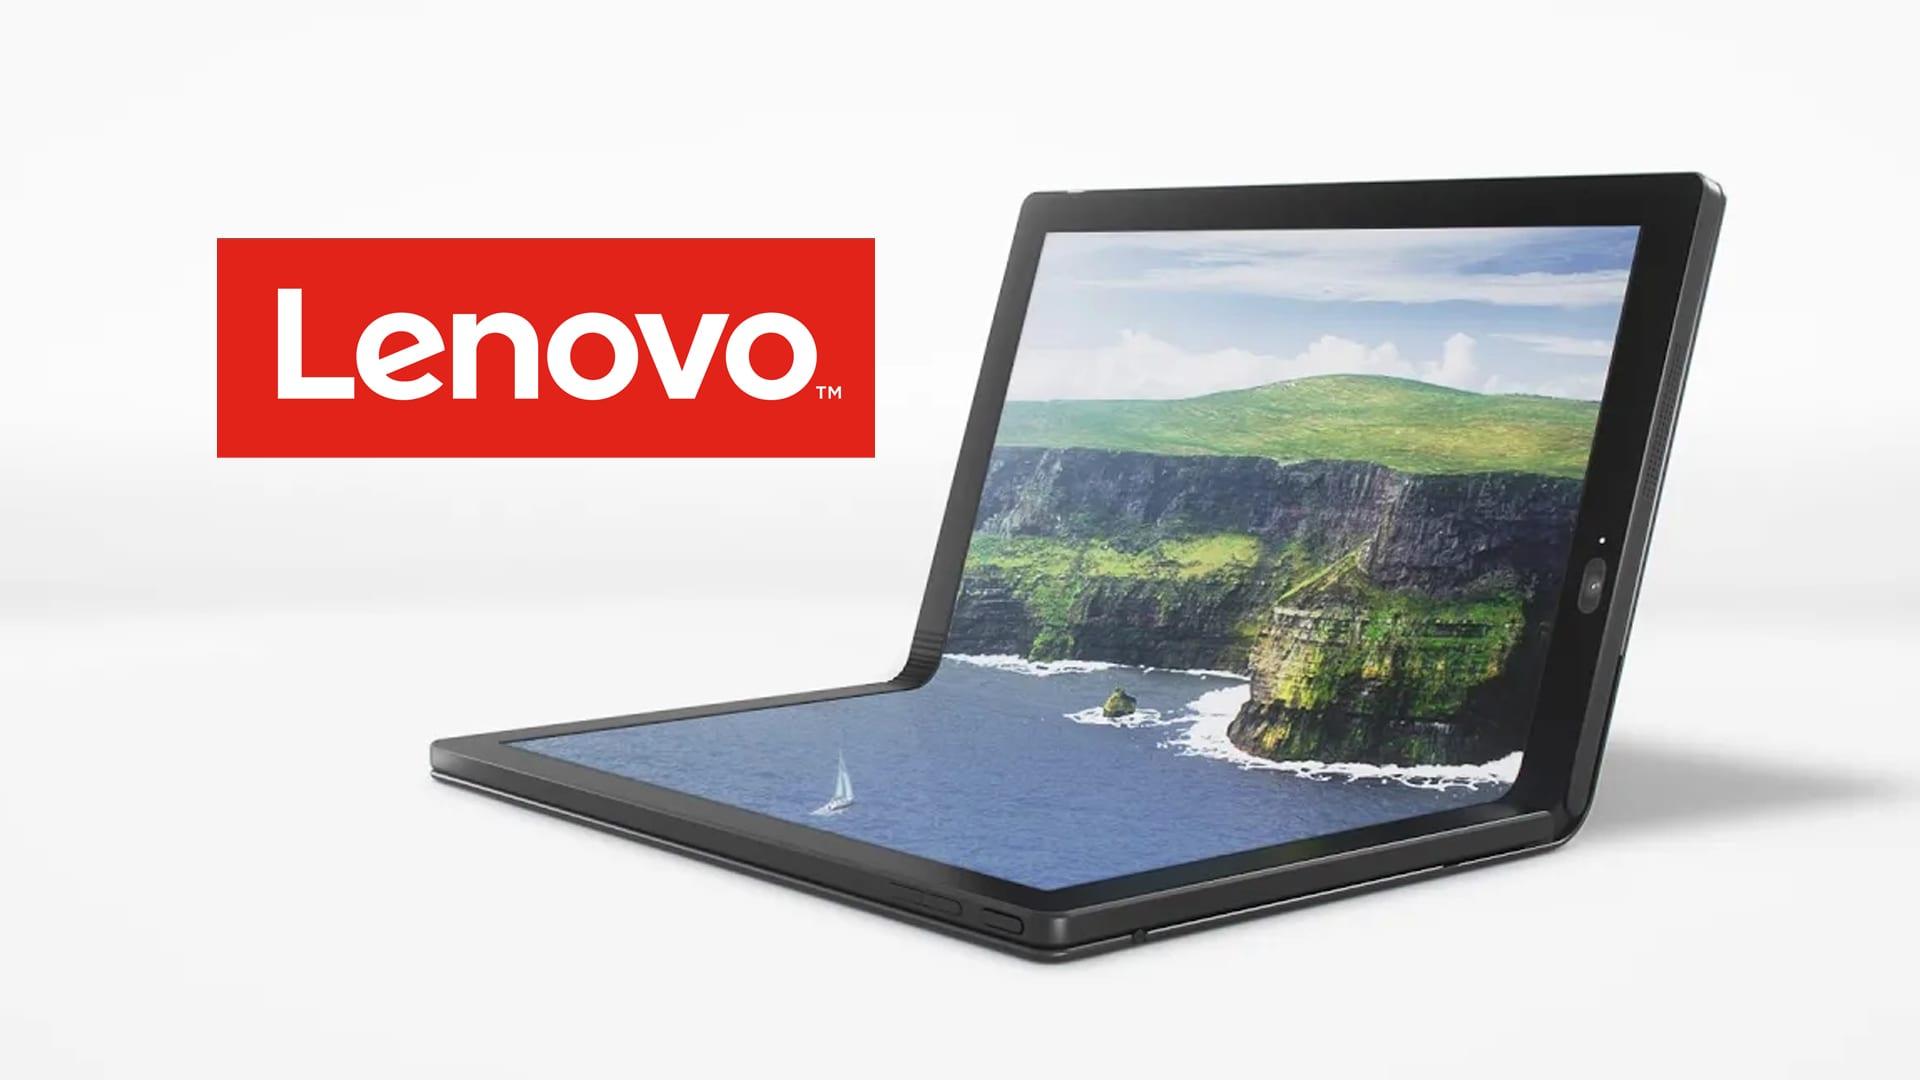 شركة Lenovo تستعد لإعتماد تسمية جديدة لسلسلة أجهزة ThinkPad في العام القادم 2020